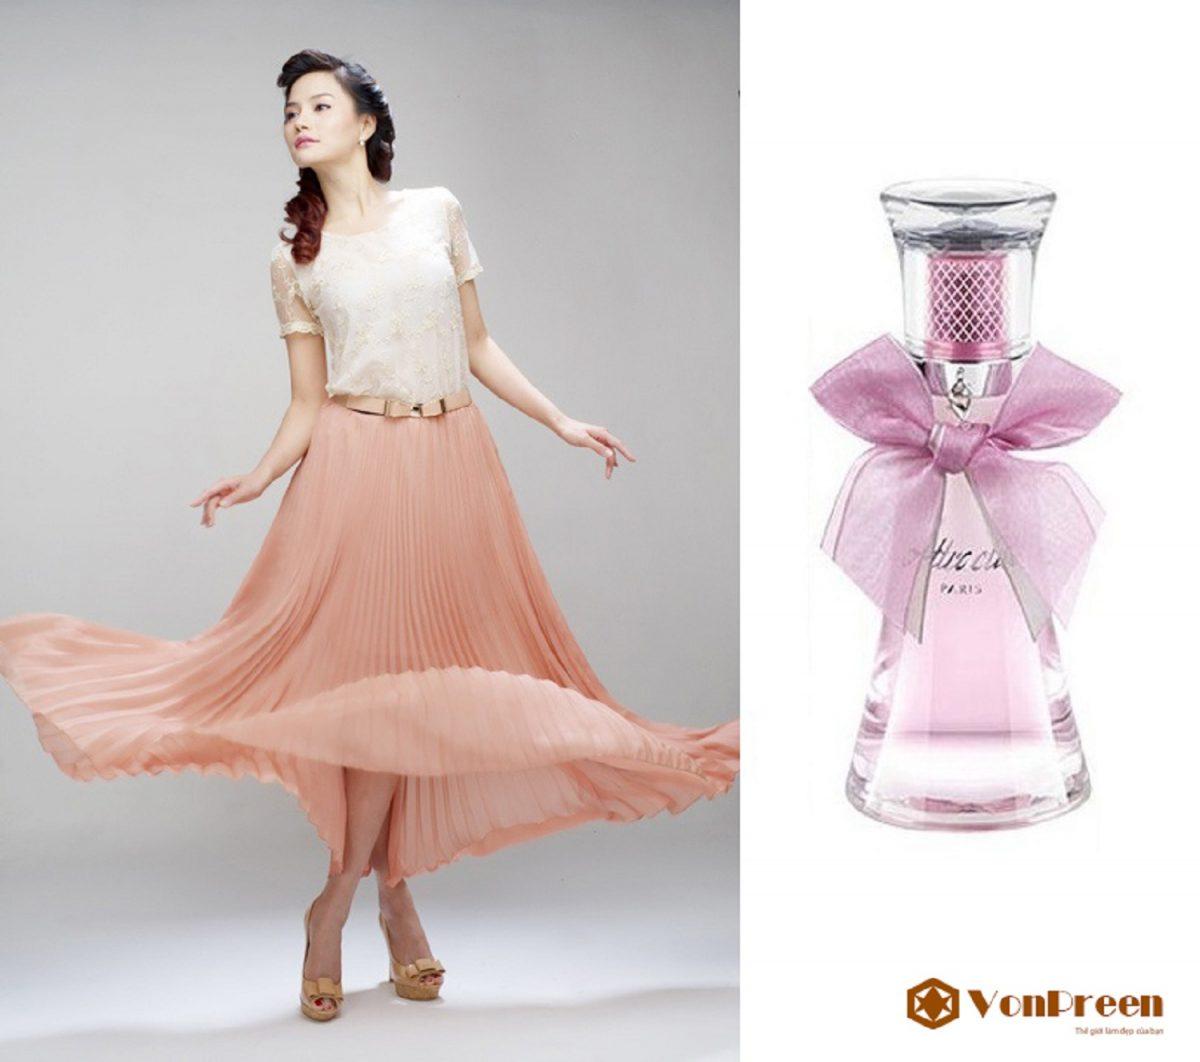 Nước hoa Lomani Attractive 100ml, mang đến hương thơm nồng nàn, quý phái, sang trọng, Nữ tính.